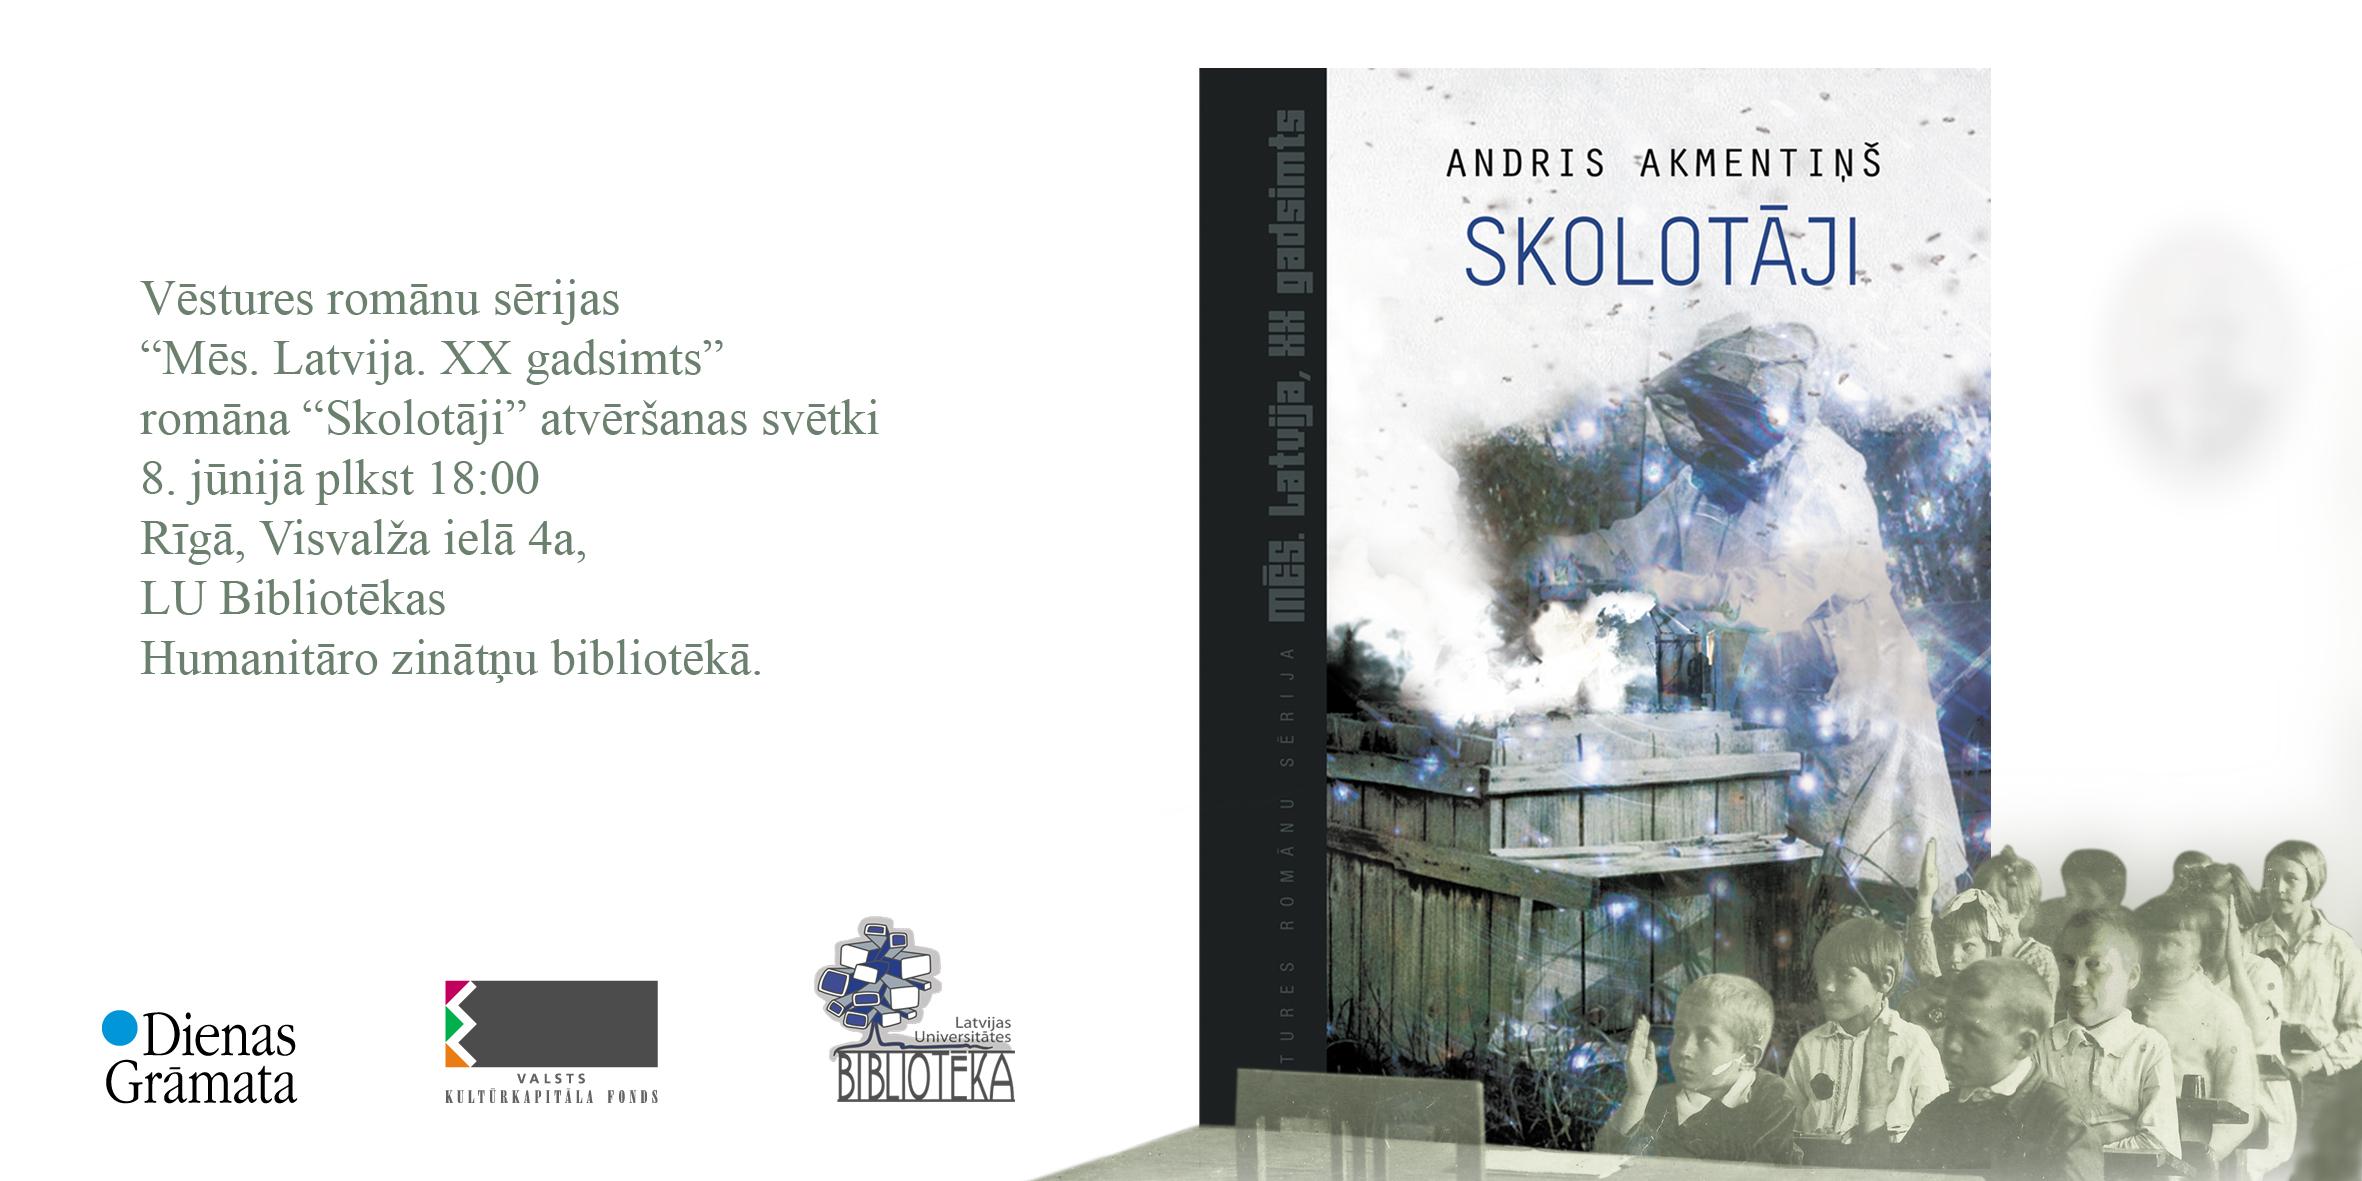 """Andra Akmentiņa romāna """"Skolotāji"""" atvēršana"""